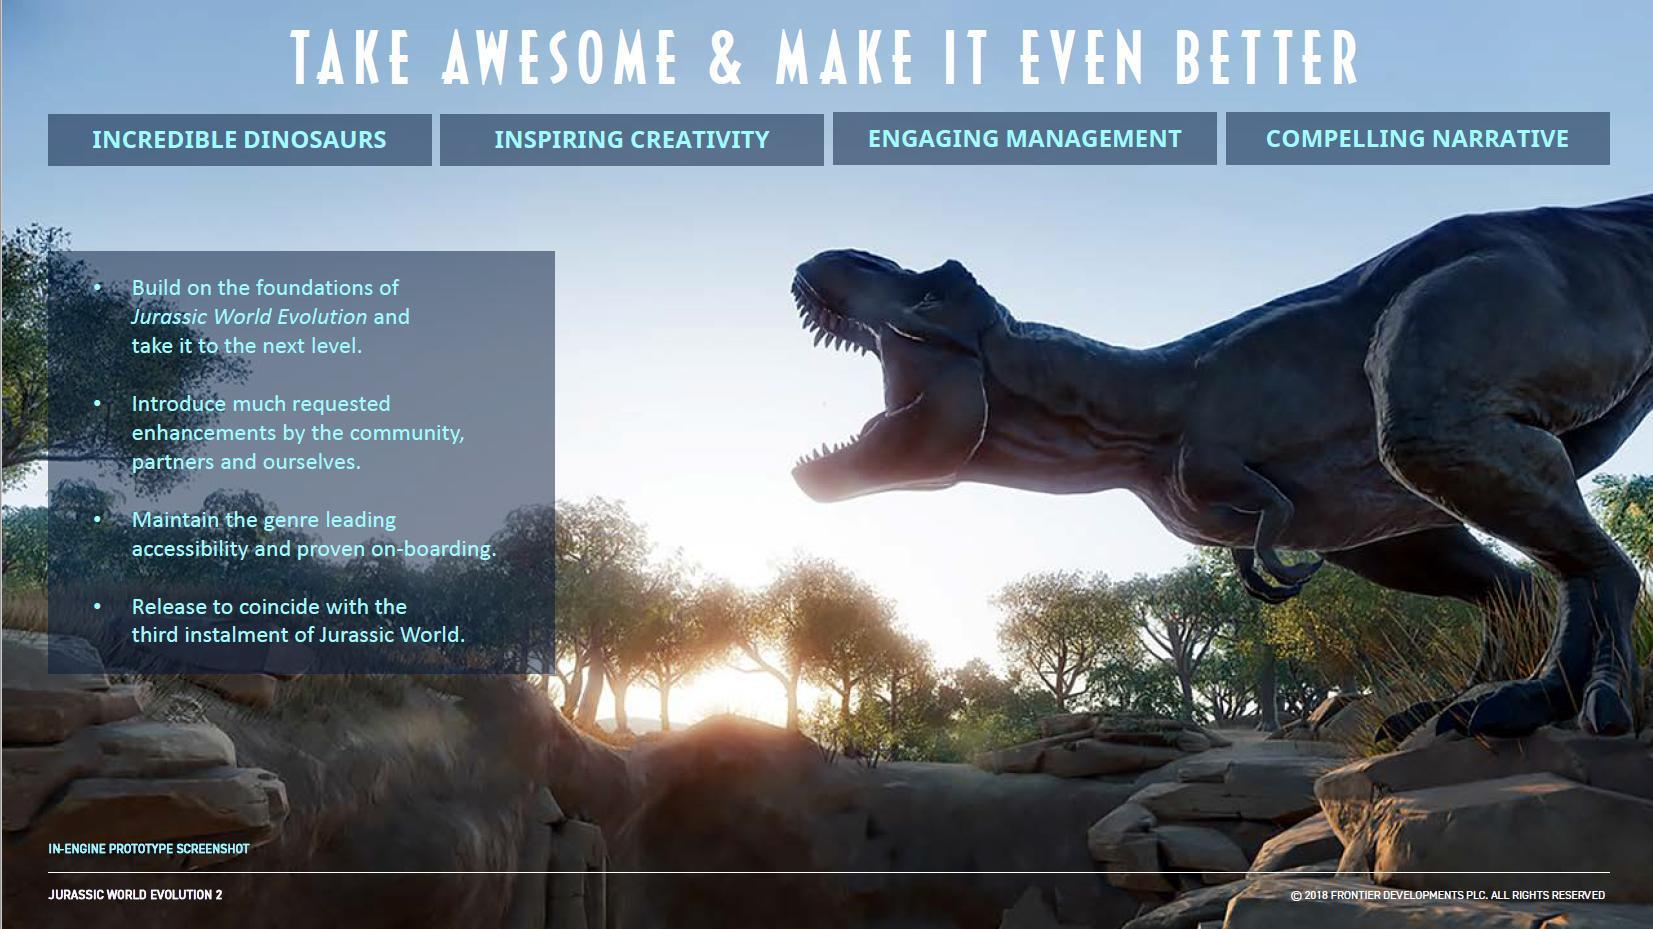 Rumor] Jurassic World Evolution 2 Internal Slides Leak